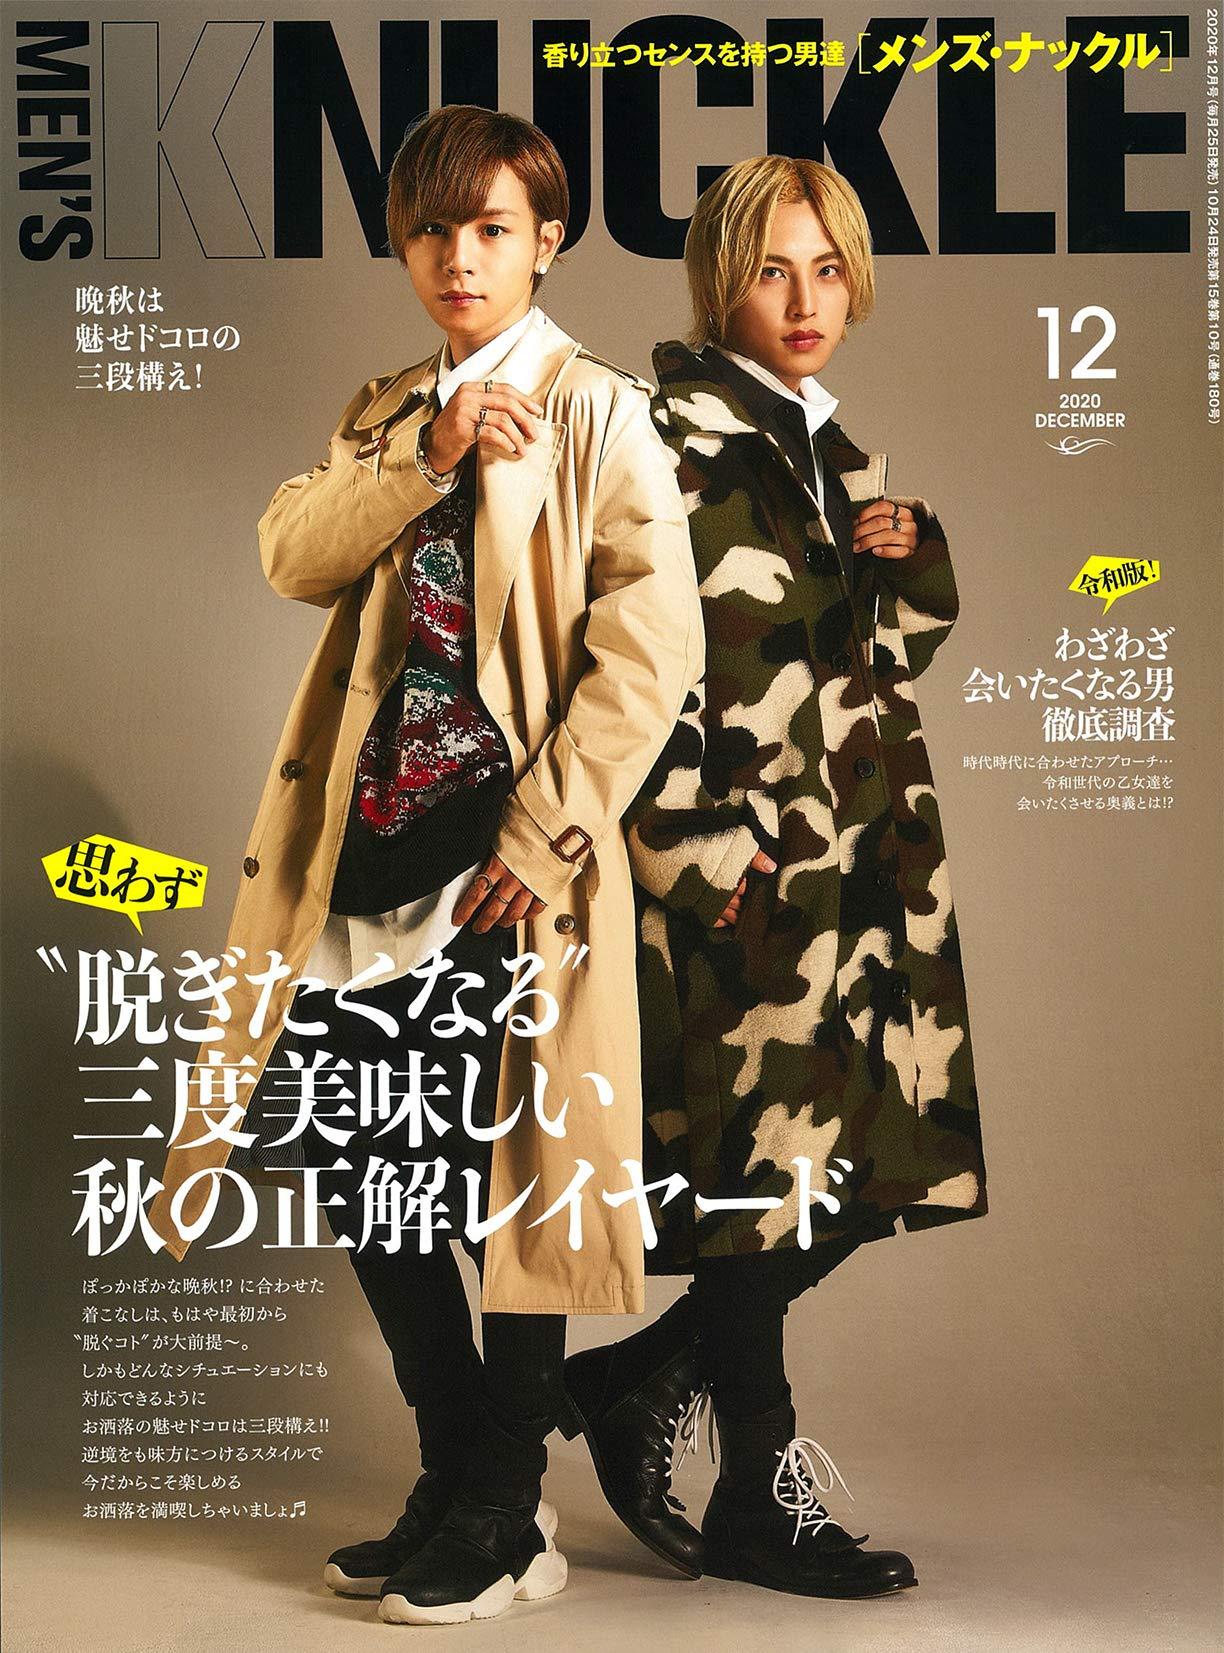 MEN'S雑誌「MEN'S KNUCKLE(メンズナックル) 2020年 12 月号」